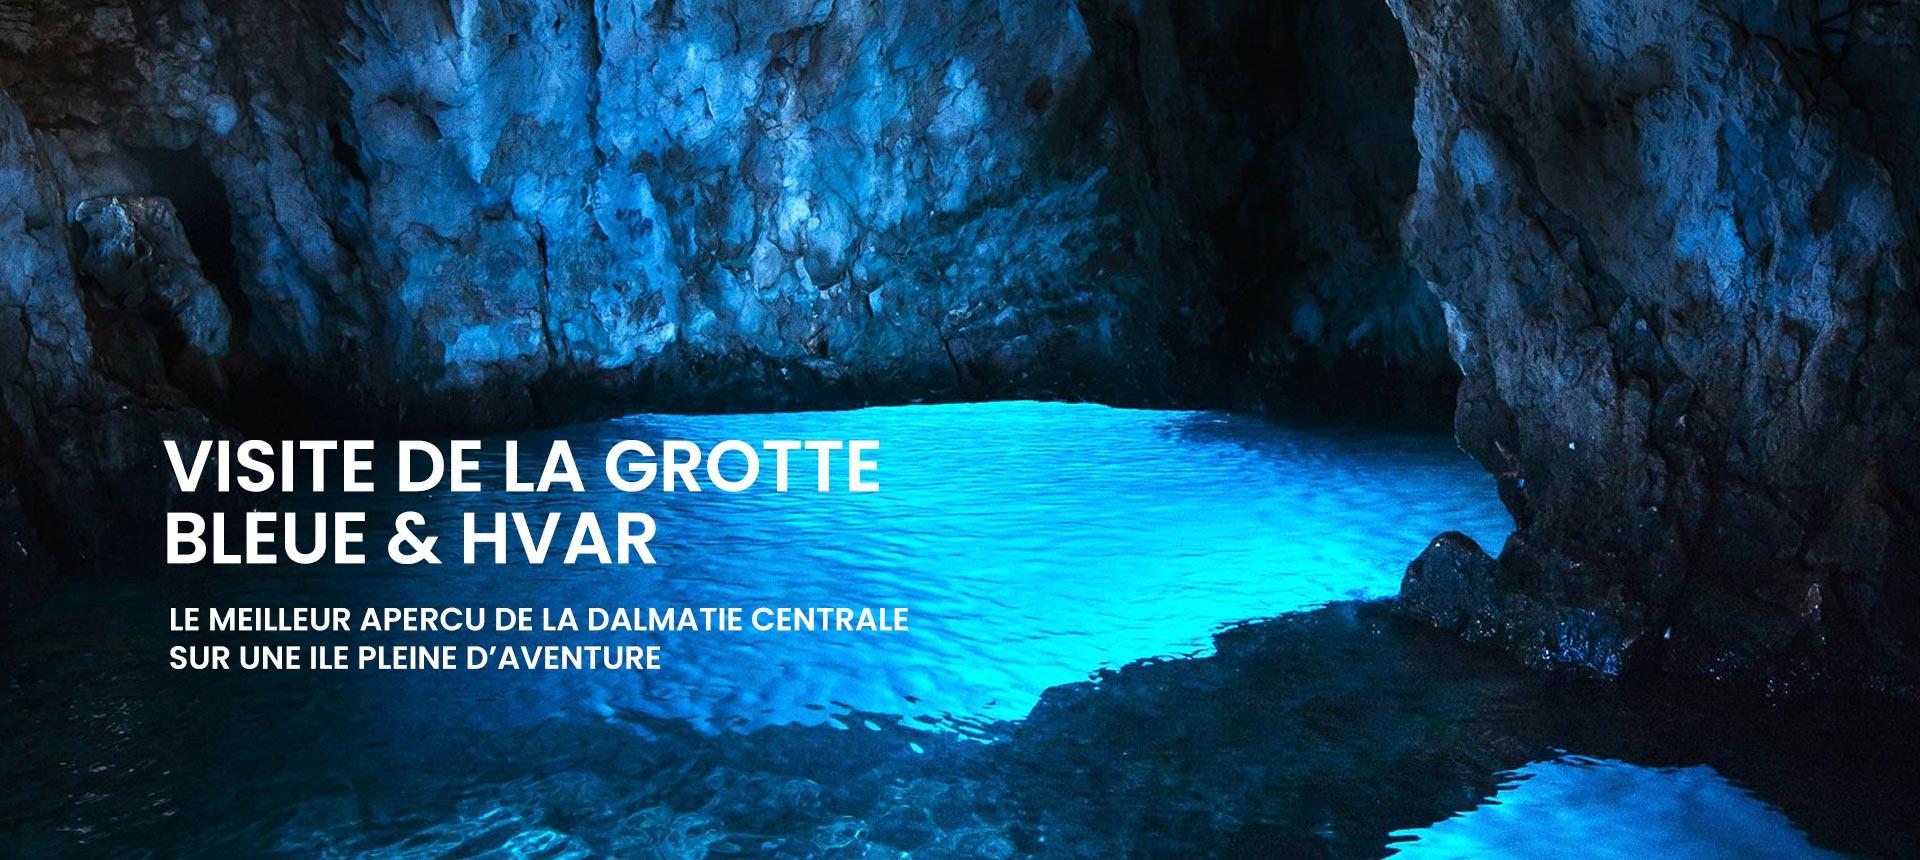 Visite De La Grotte Bleue & Hvar